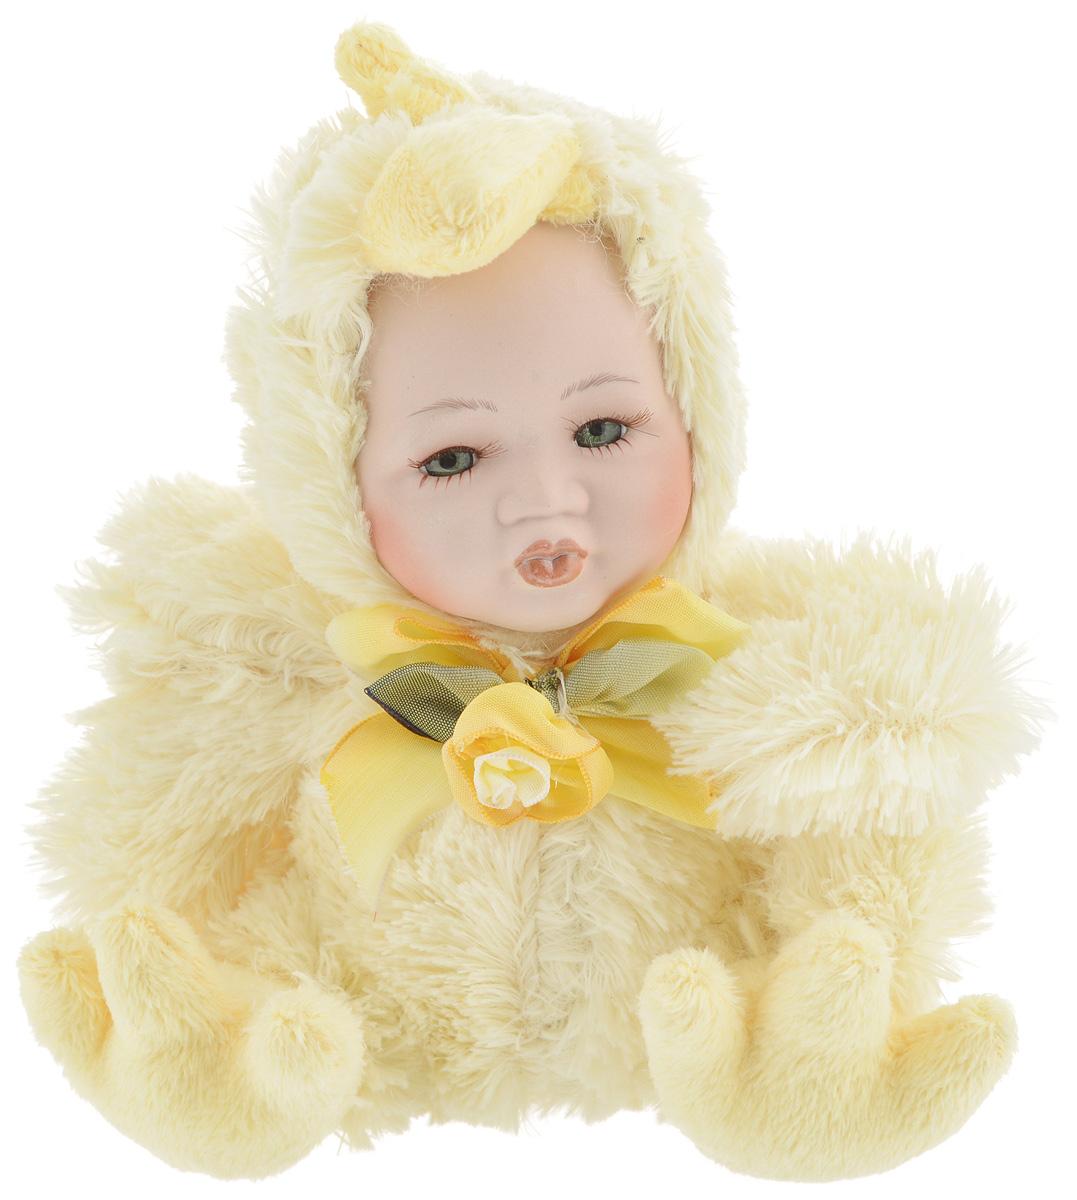 Фигурка ESTRO Ребенок в костюме цыпленка, цвет: желтый, высота 17 смC21-108053Декоративная фигурка Ребенок в костюме цыпленка изготовлена из высококачественных материалов в оригинальном стиле. Фигурка выполнена в виде ребенка в костюме цыпленка. Уютная и милая интерьерная игрушка предназначена для взрослых и детей, для игр и украшения новогодней елки, да и просто, для создания праздничной атмосферы в интерьере! Фигурка прекрасно украсит ваш дом к празднику, а в остальные дни с ней с удовольствием будут играть дети. Оригинальный дизайн и красочное исполнение создадут праздничное настроение. Фигурка создана вручную, неповторима и оригинальна. Порадуйте своих друзей и близких этим замечательным подарком!